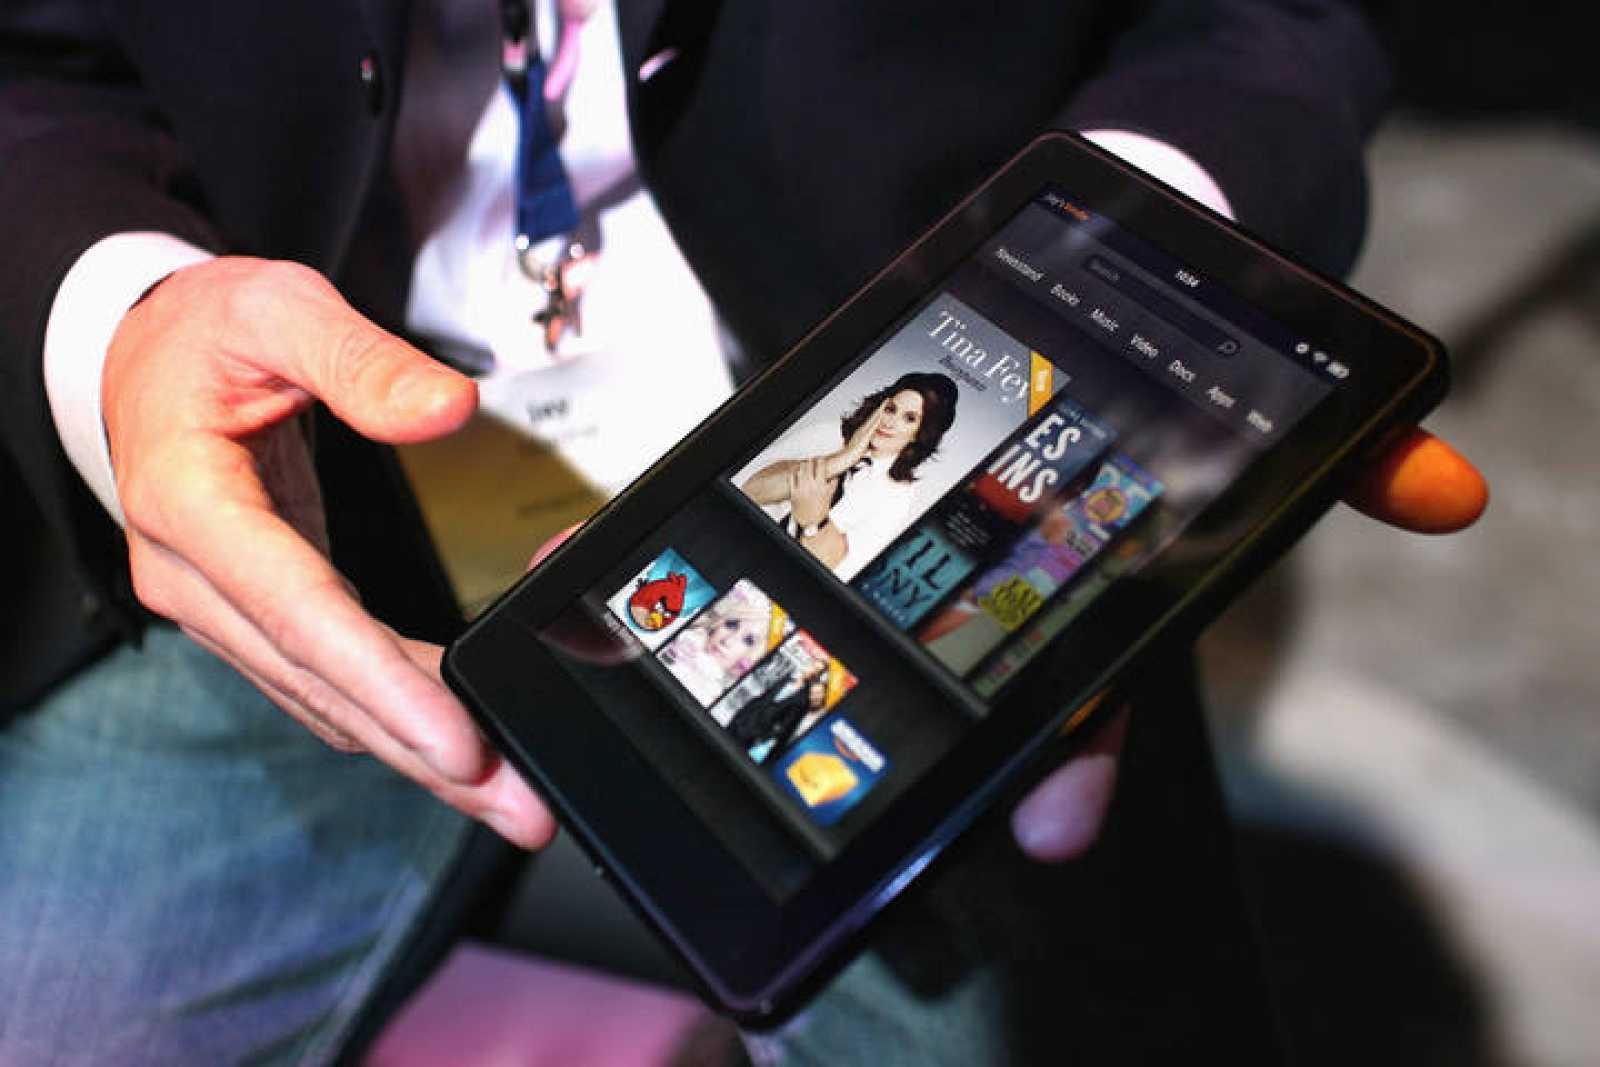 El Kindle Fire, es una versión mejorada del libro electrónico Kindle, aunque con pantalla táctil a color.